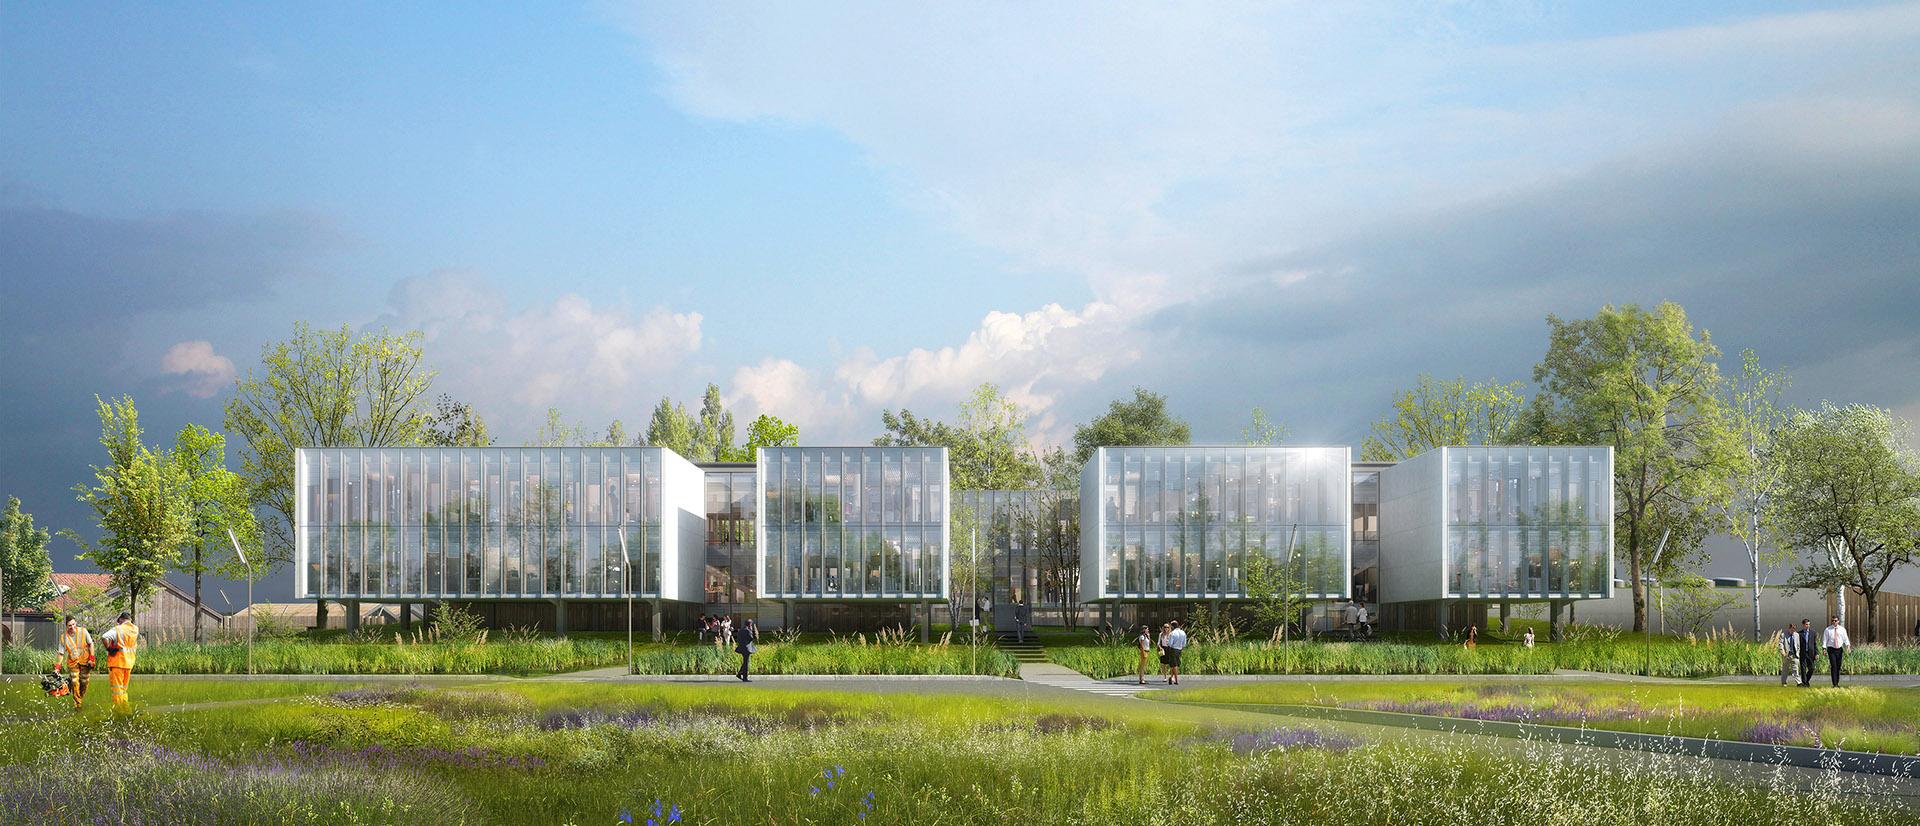 Perspective de concours - GAUTIER & CONQUET - Architectes - Laboratoire de l'ANDRA à Bure